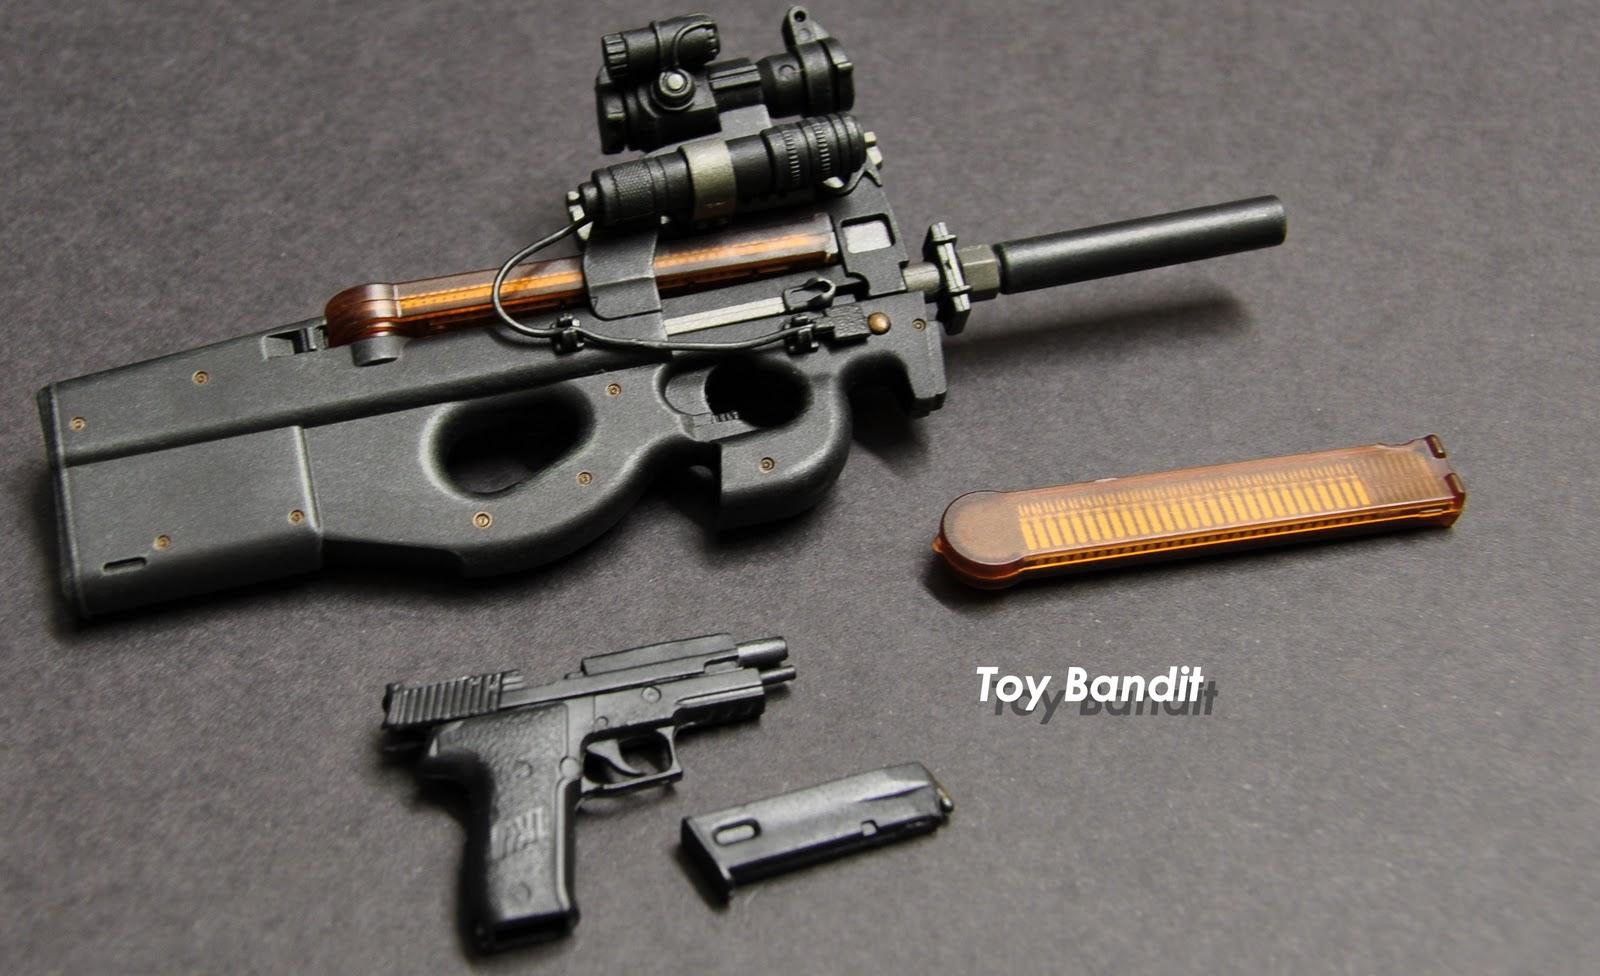 http://1.bp.blogspot.com/-6tMsopJRPq4/TZ8qzoPfgBI/AAAAAAAAAFc/EcvoaZBXJ0I/s1600/secret_service_weapon.jpg